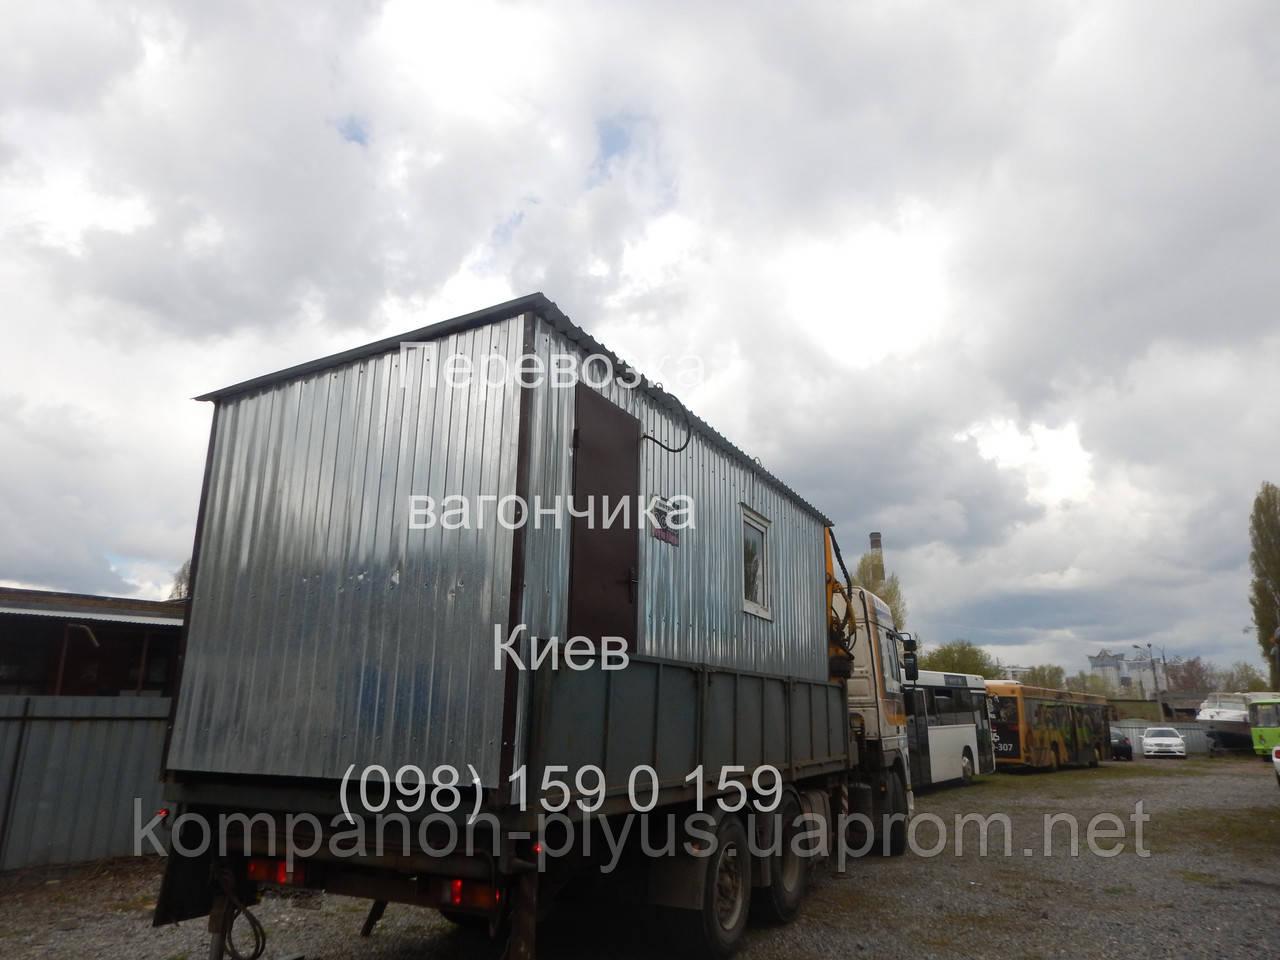 Перевозка вагончиков Киев